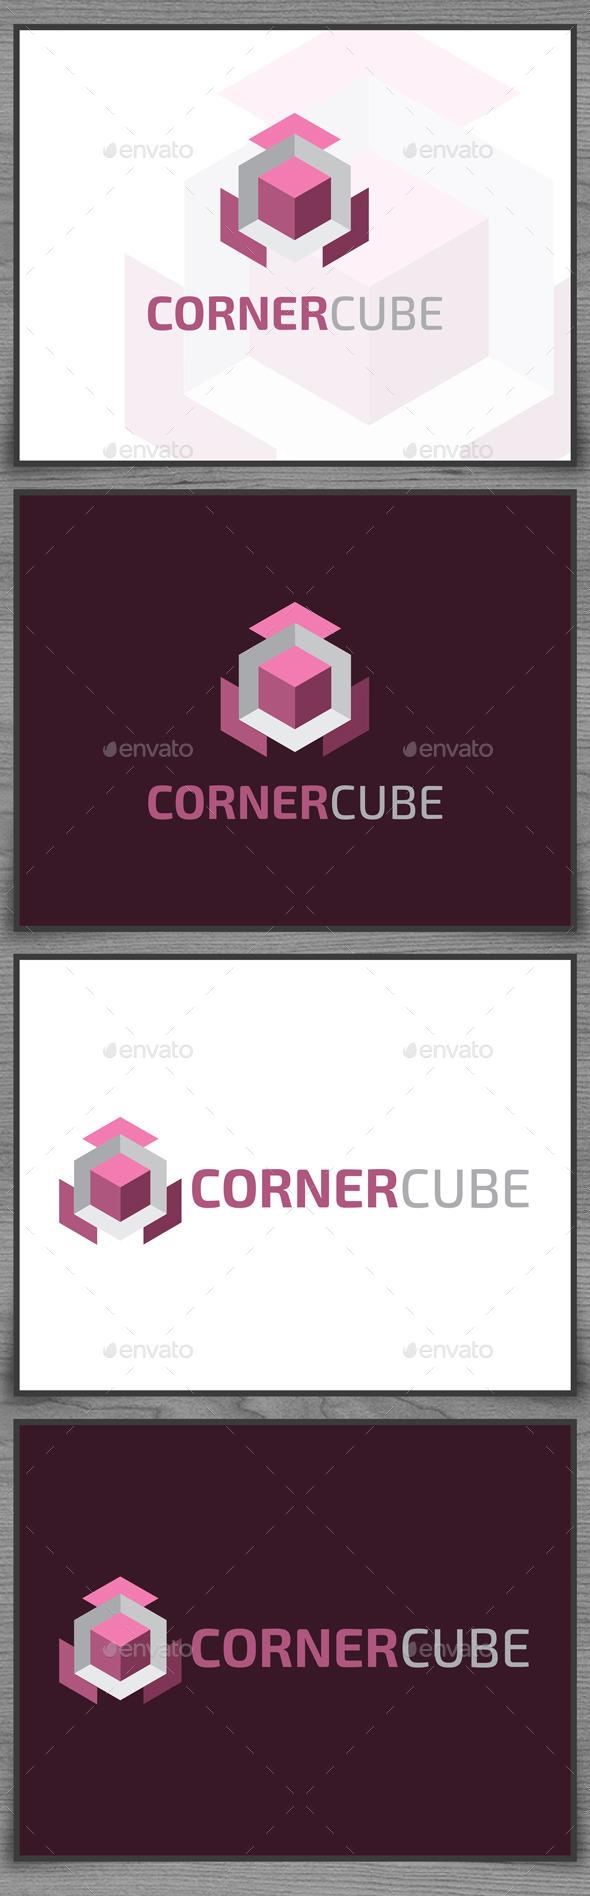 GraphicRiver Corner Cube Logo 9315490